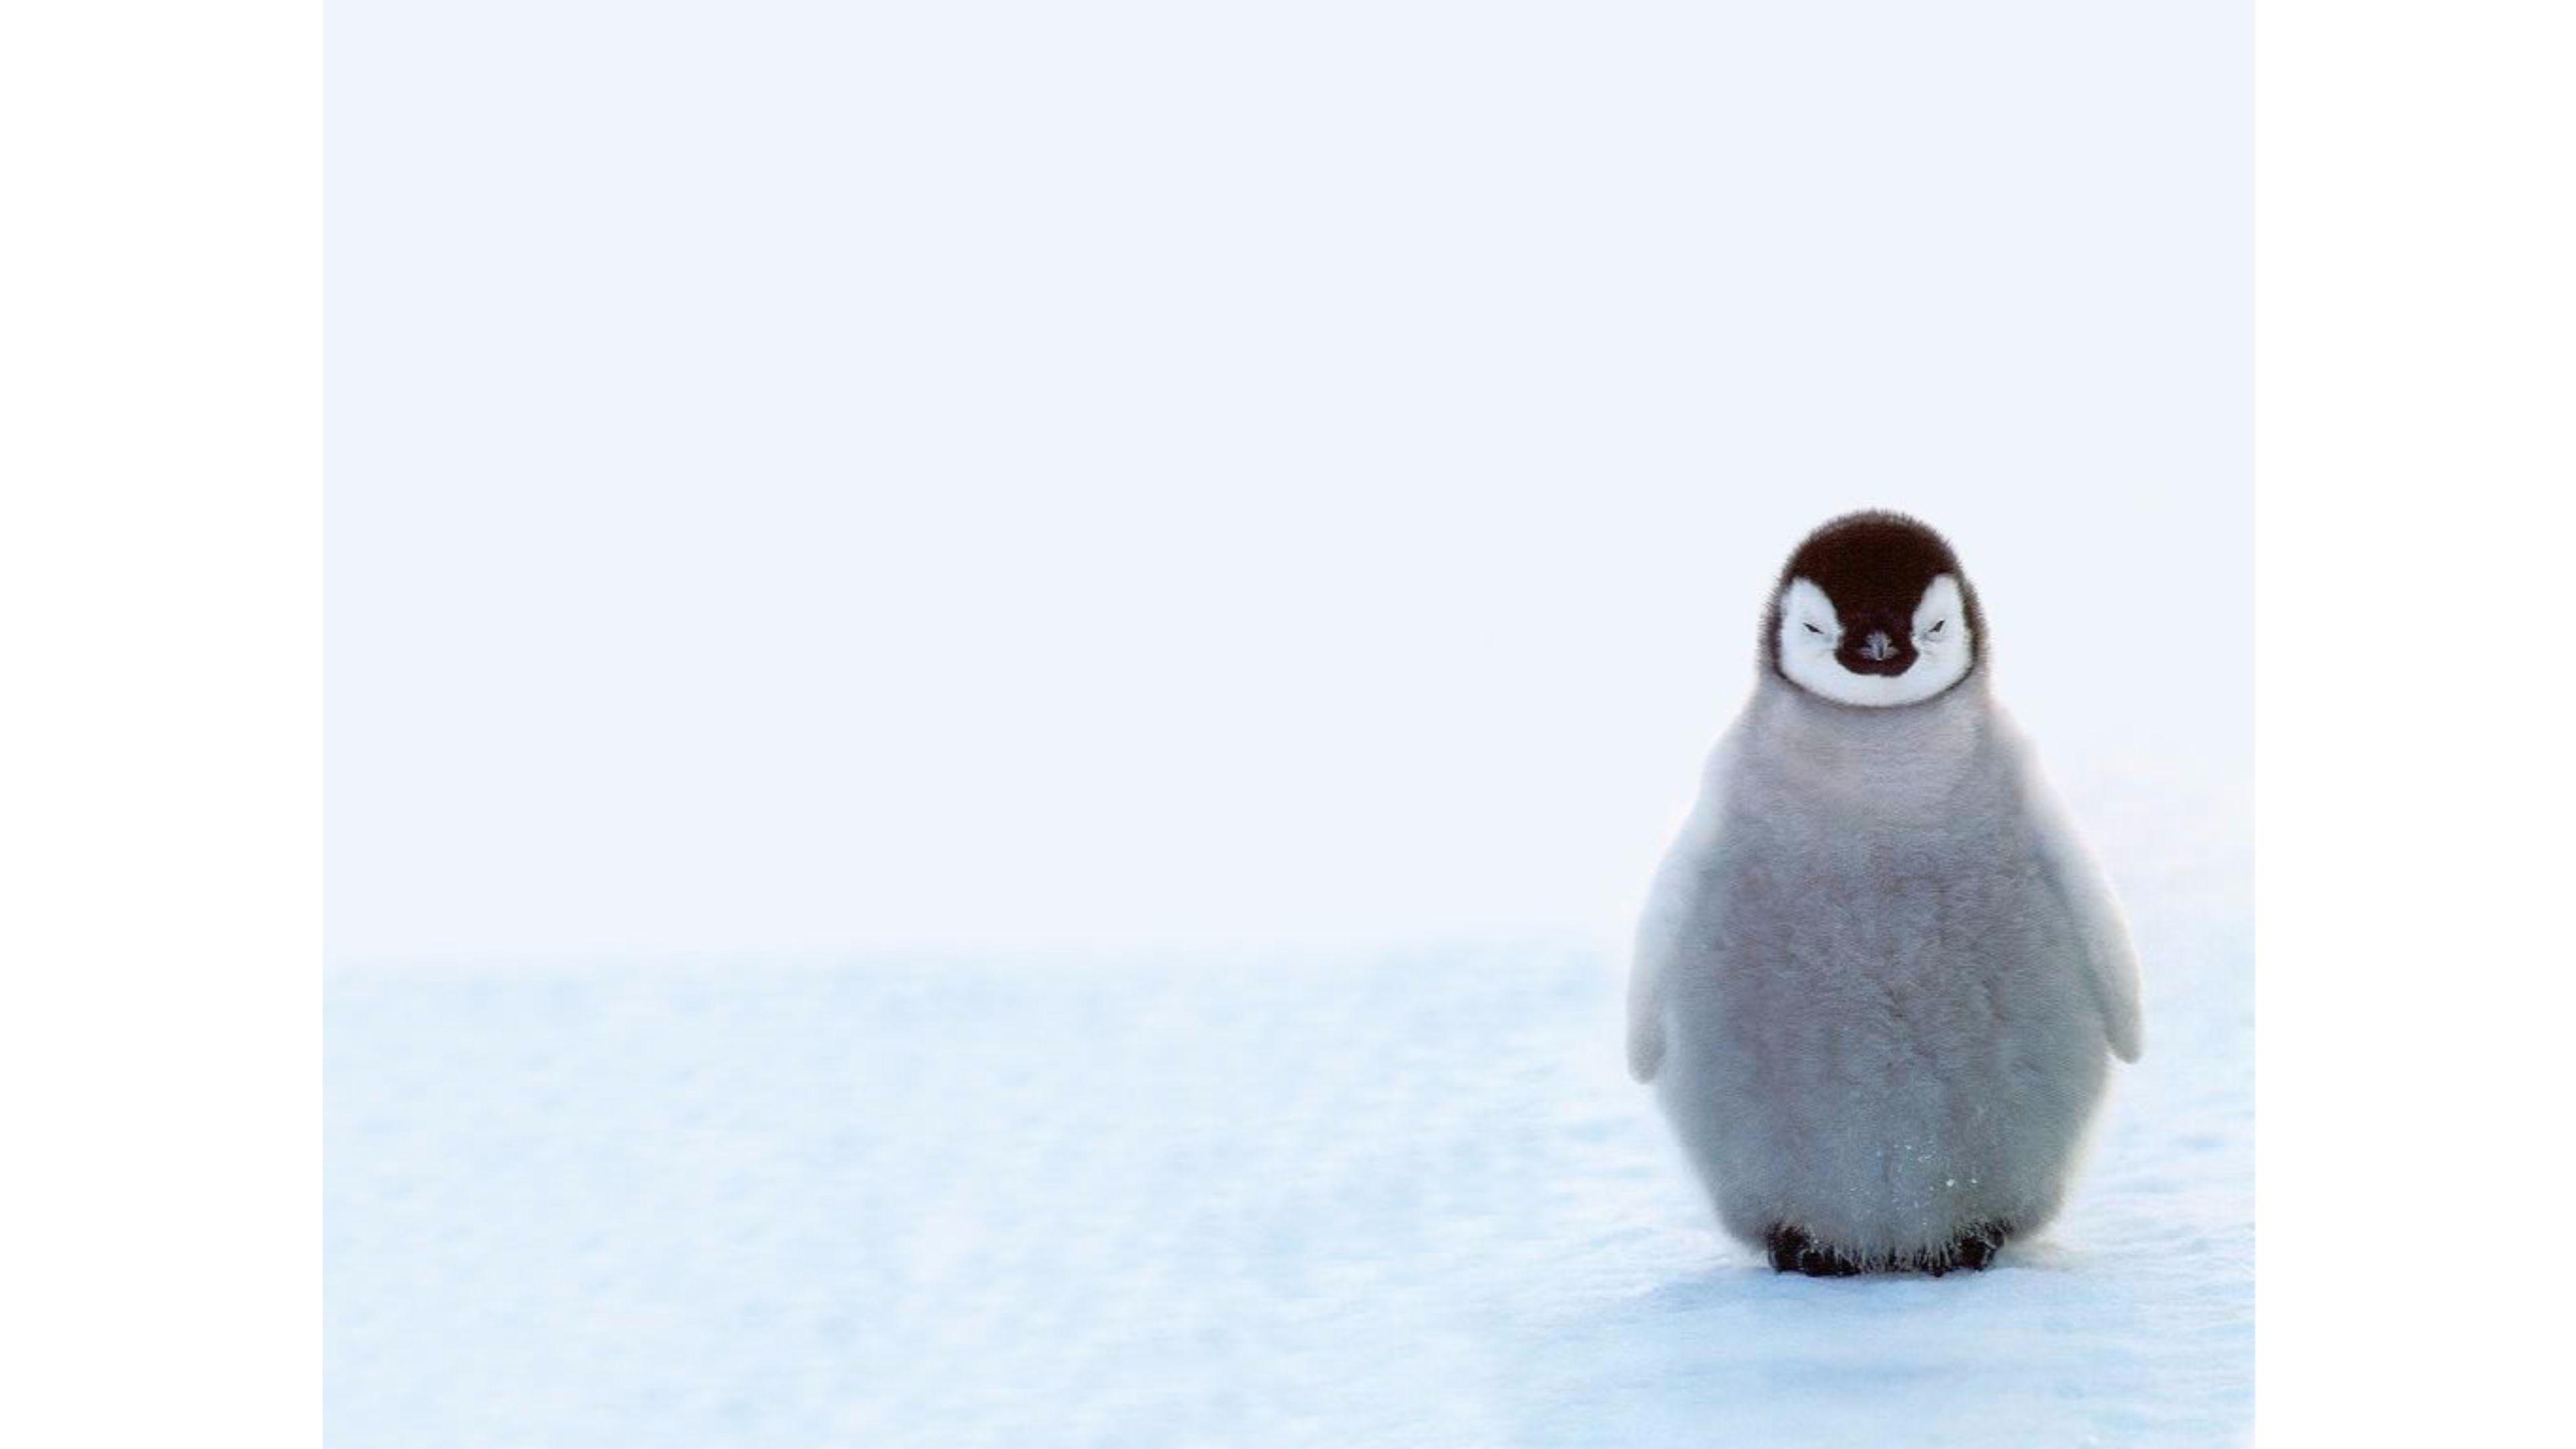 Top Penguin 4K Wallpaper